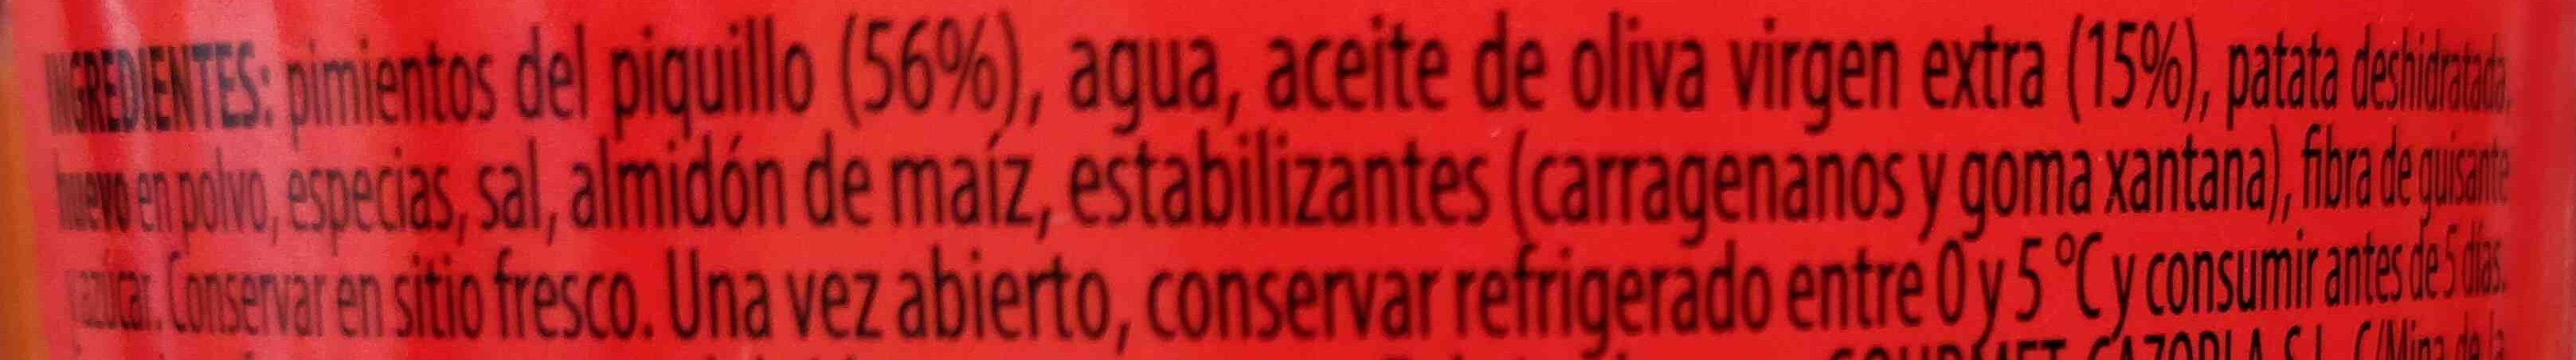 Pimientos del piquillo con aceite de oliva - Ingredientes - es